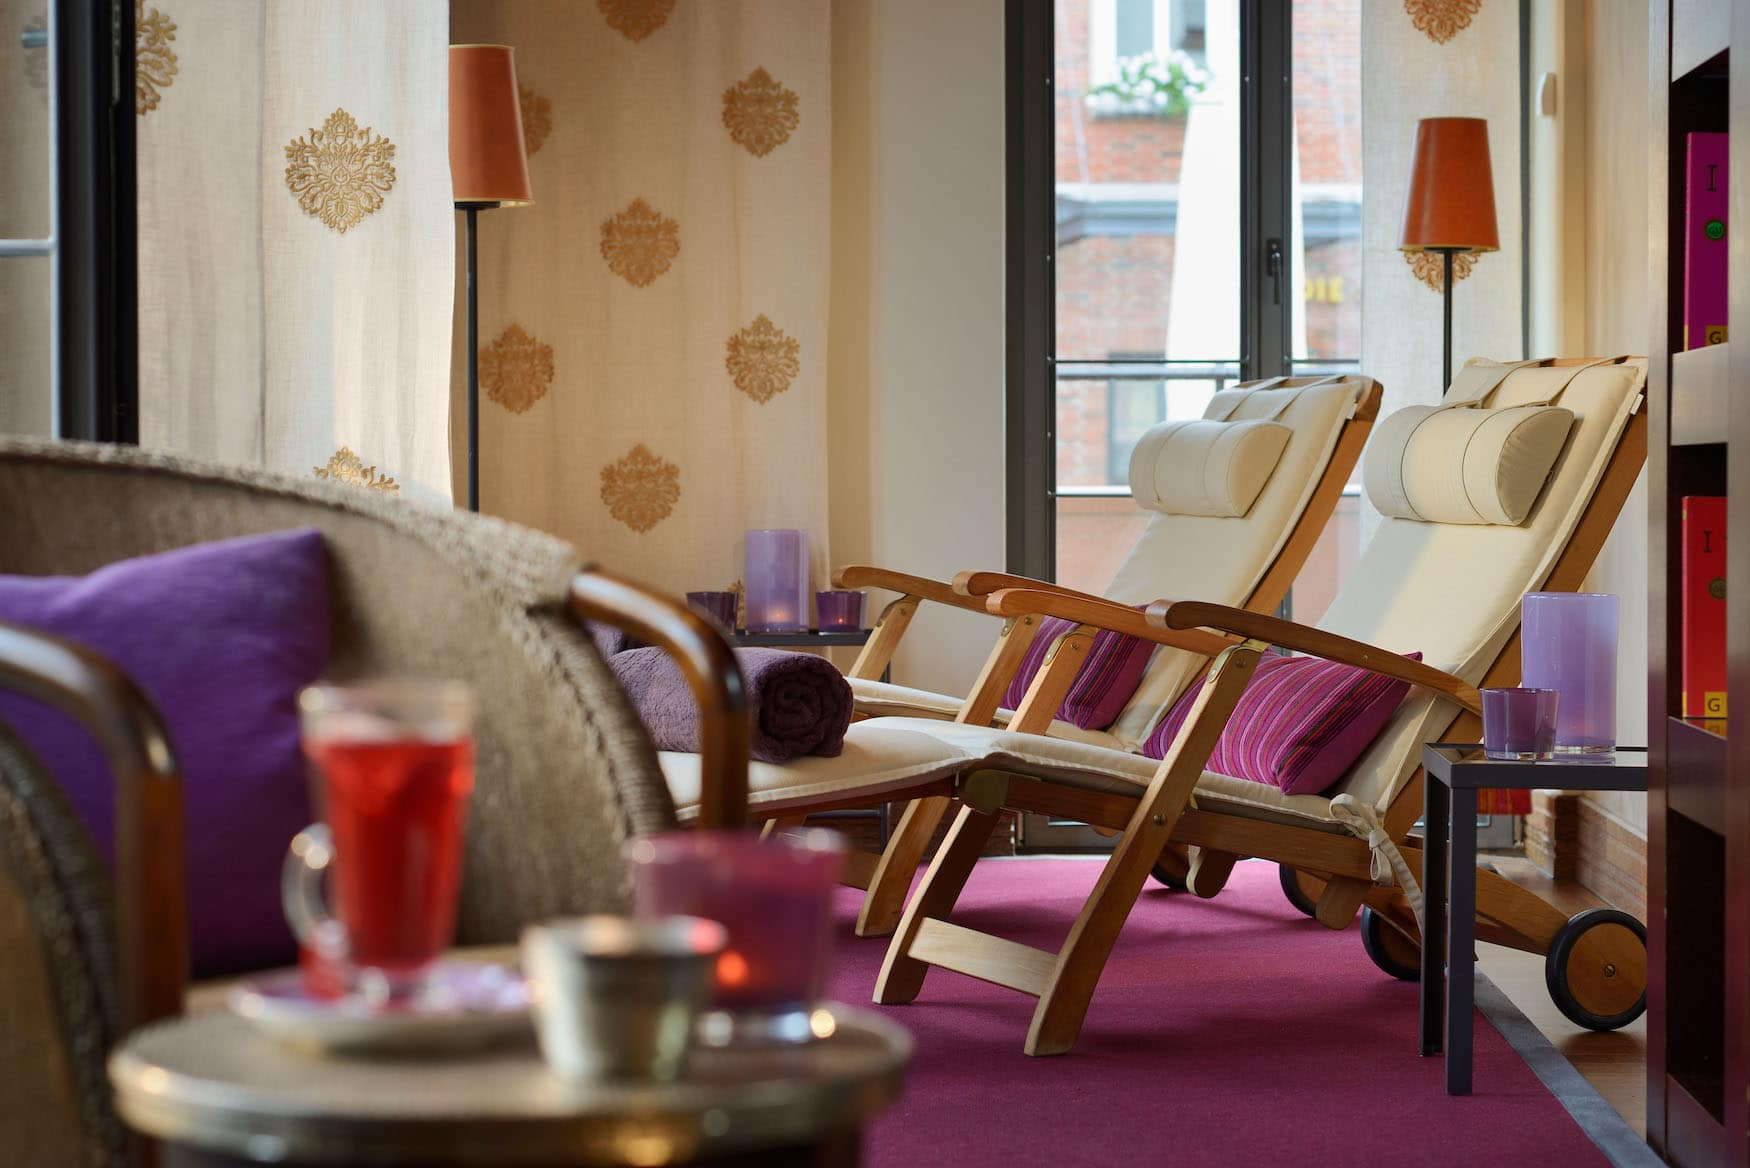 Liegestühle im Spa-Bereich des Hotel Die Sonne Frankenberg